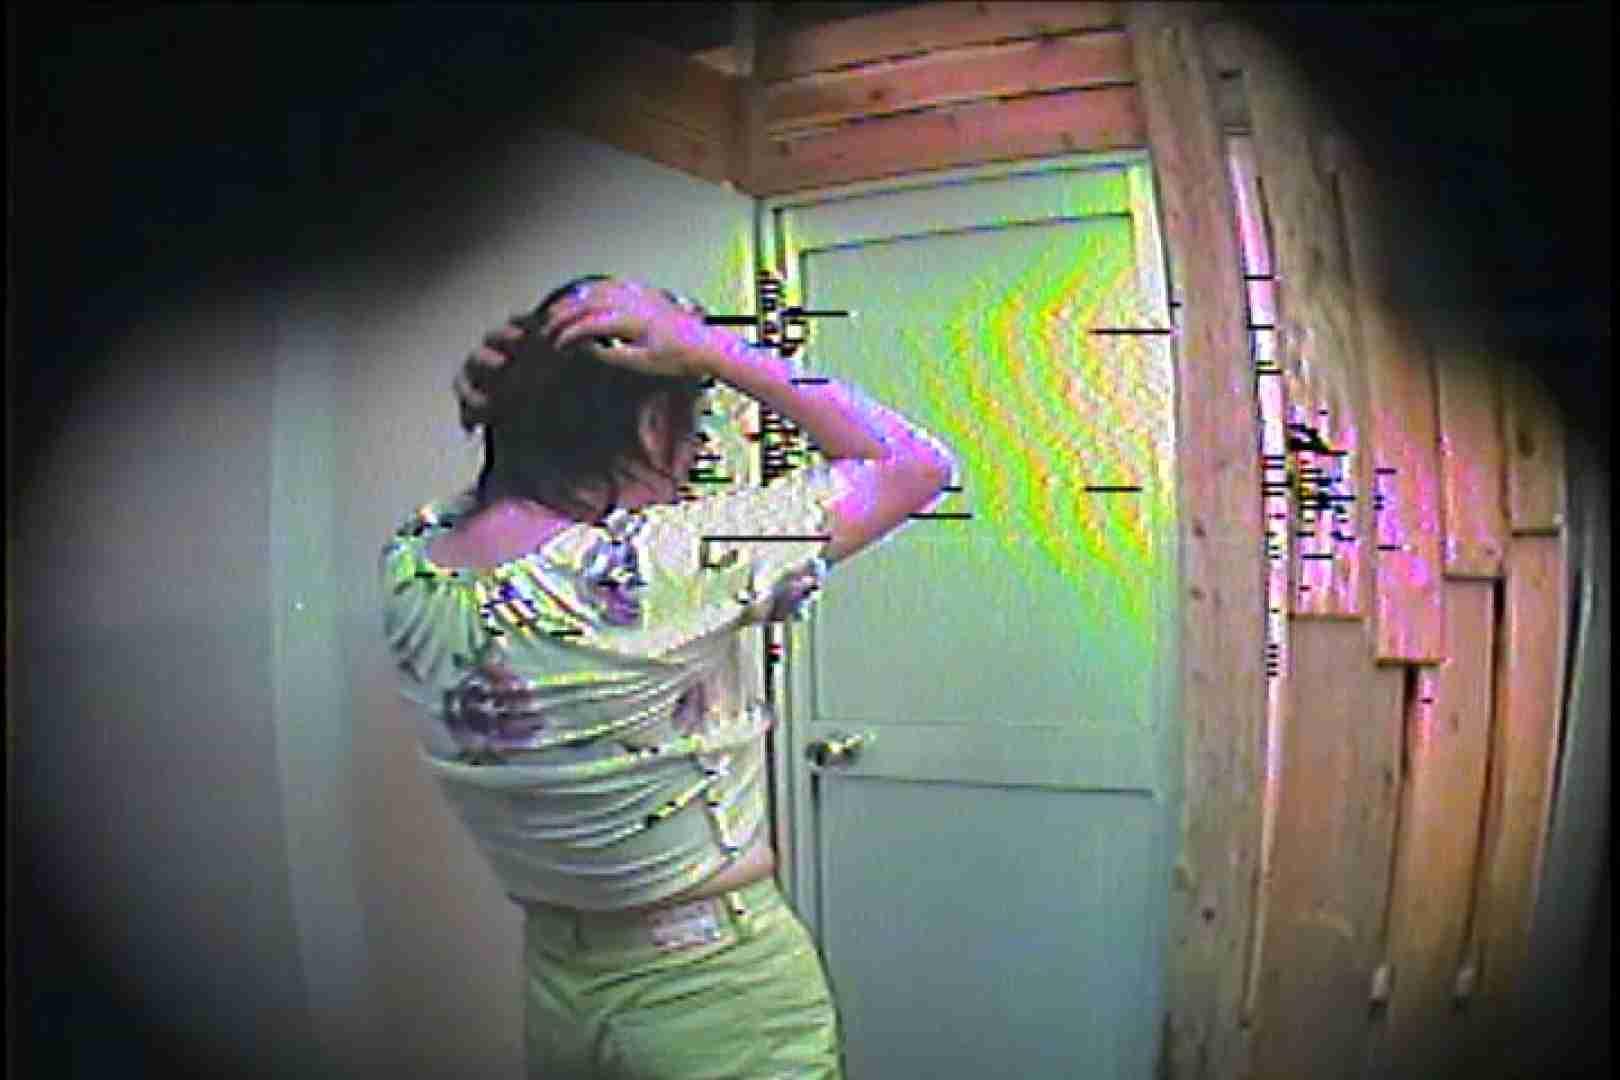 海の家の更衣室 Vol.53 いやらしいOL 盗撮画像 66連発 10